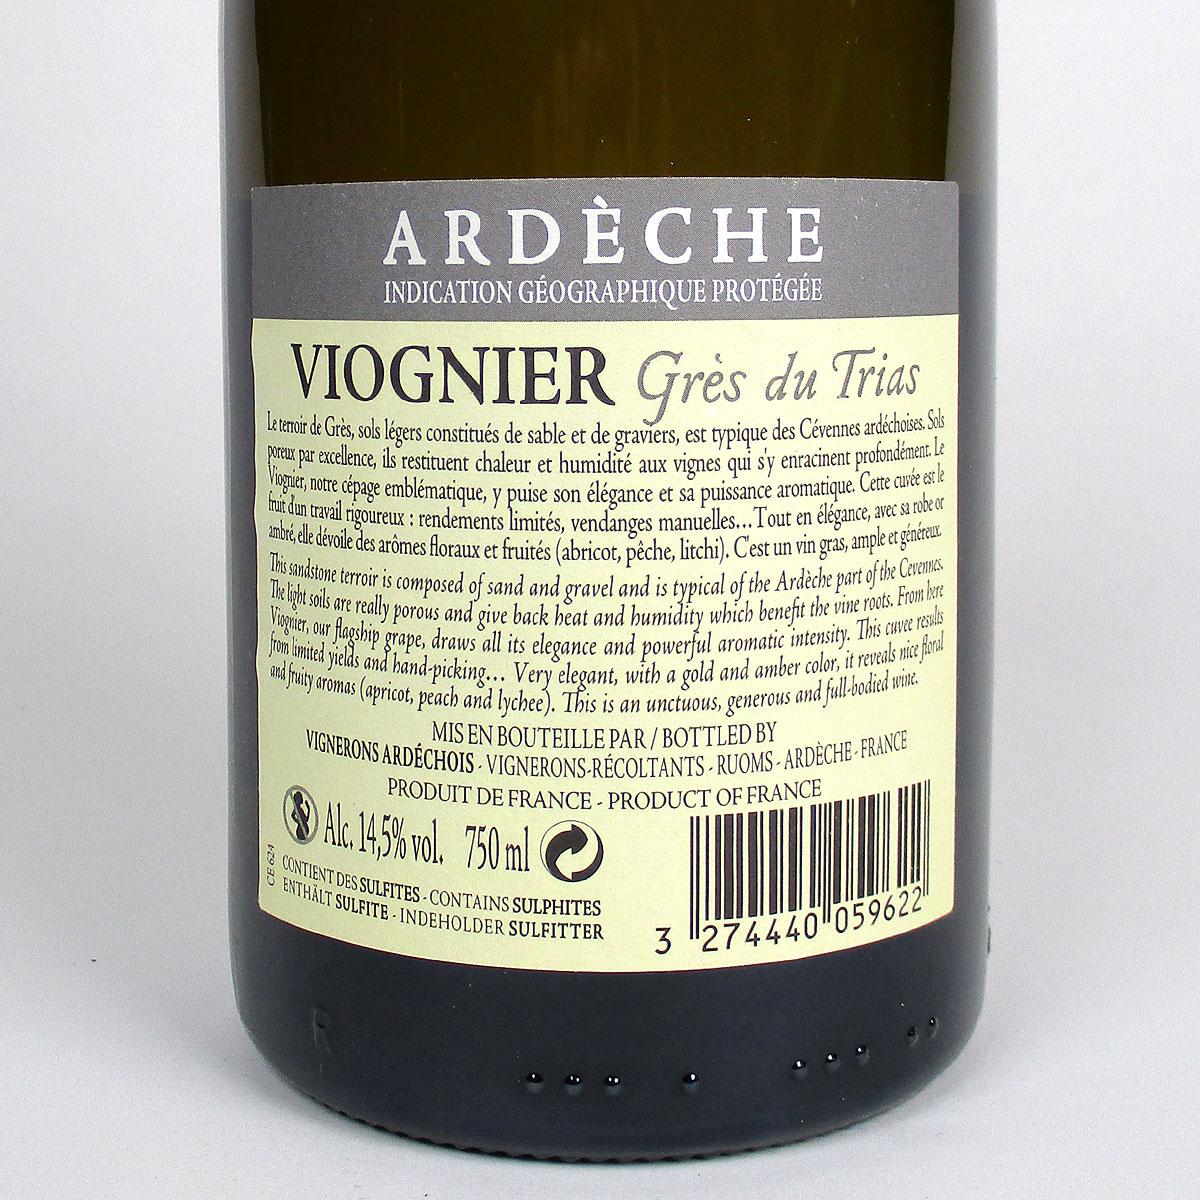 Coteaux de l'Ardèche: Cépage Viognier 'Grès du Trias' 2019 - Bottle Rear Label